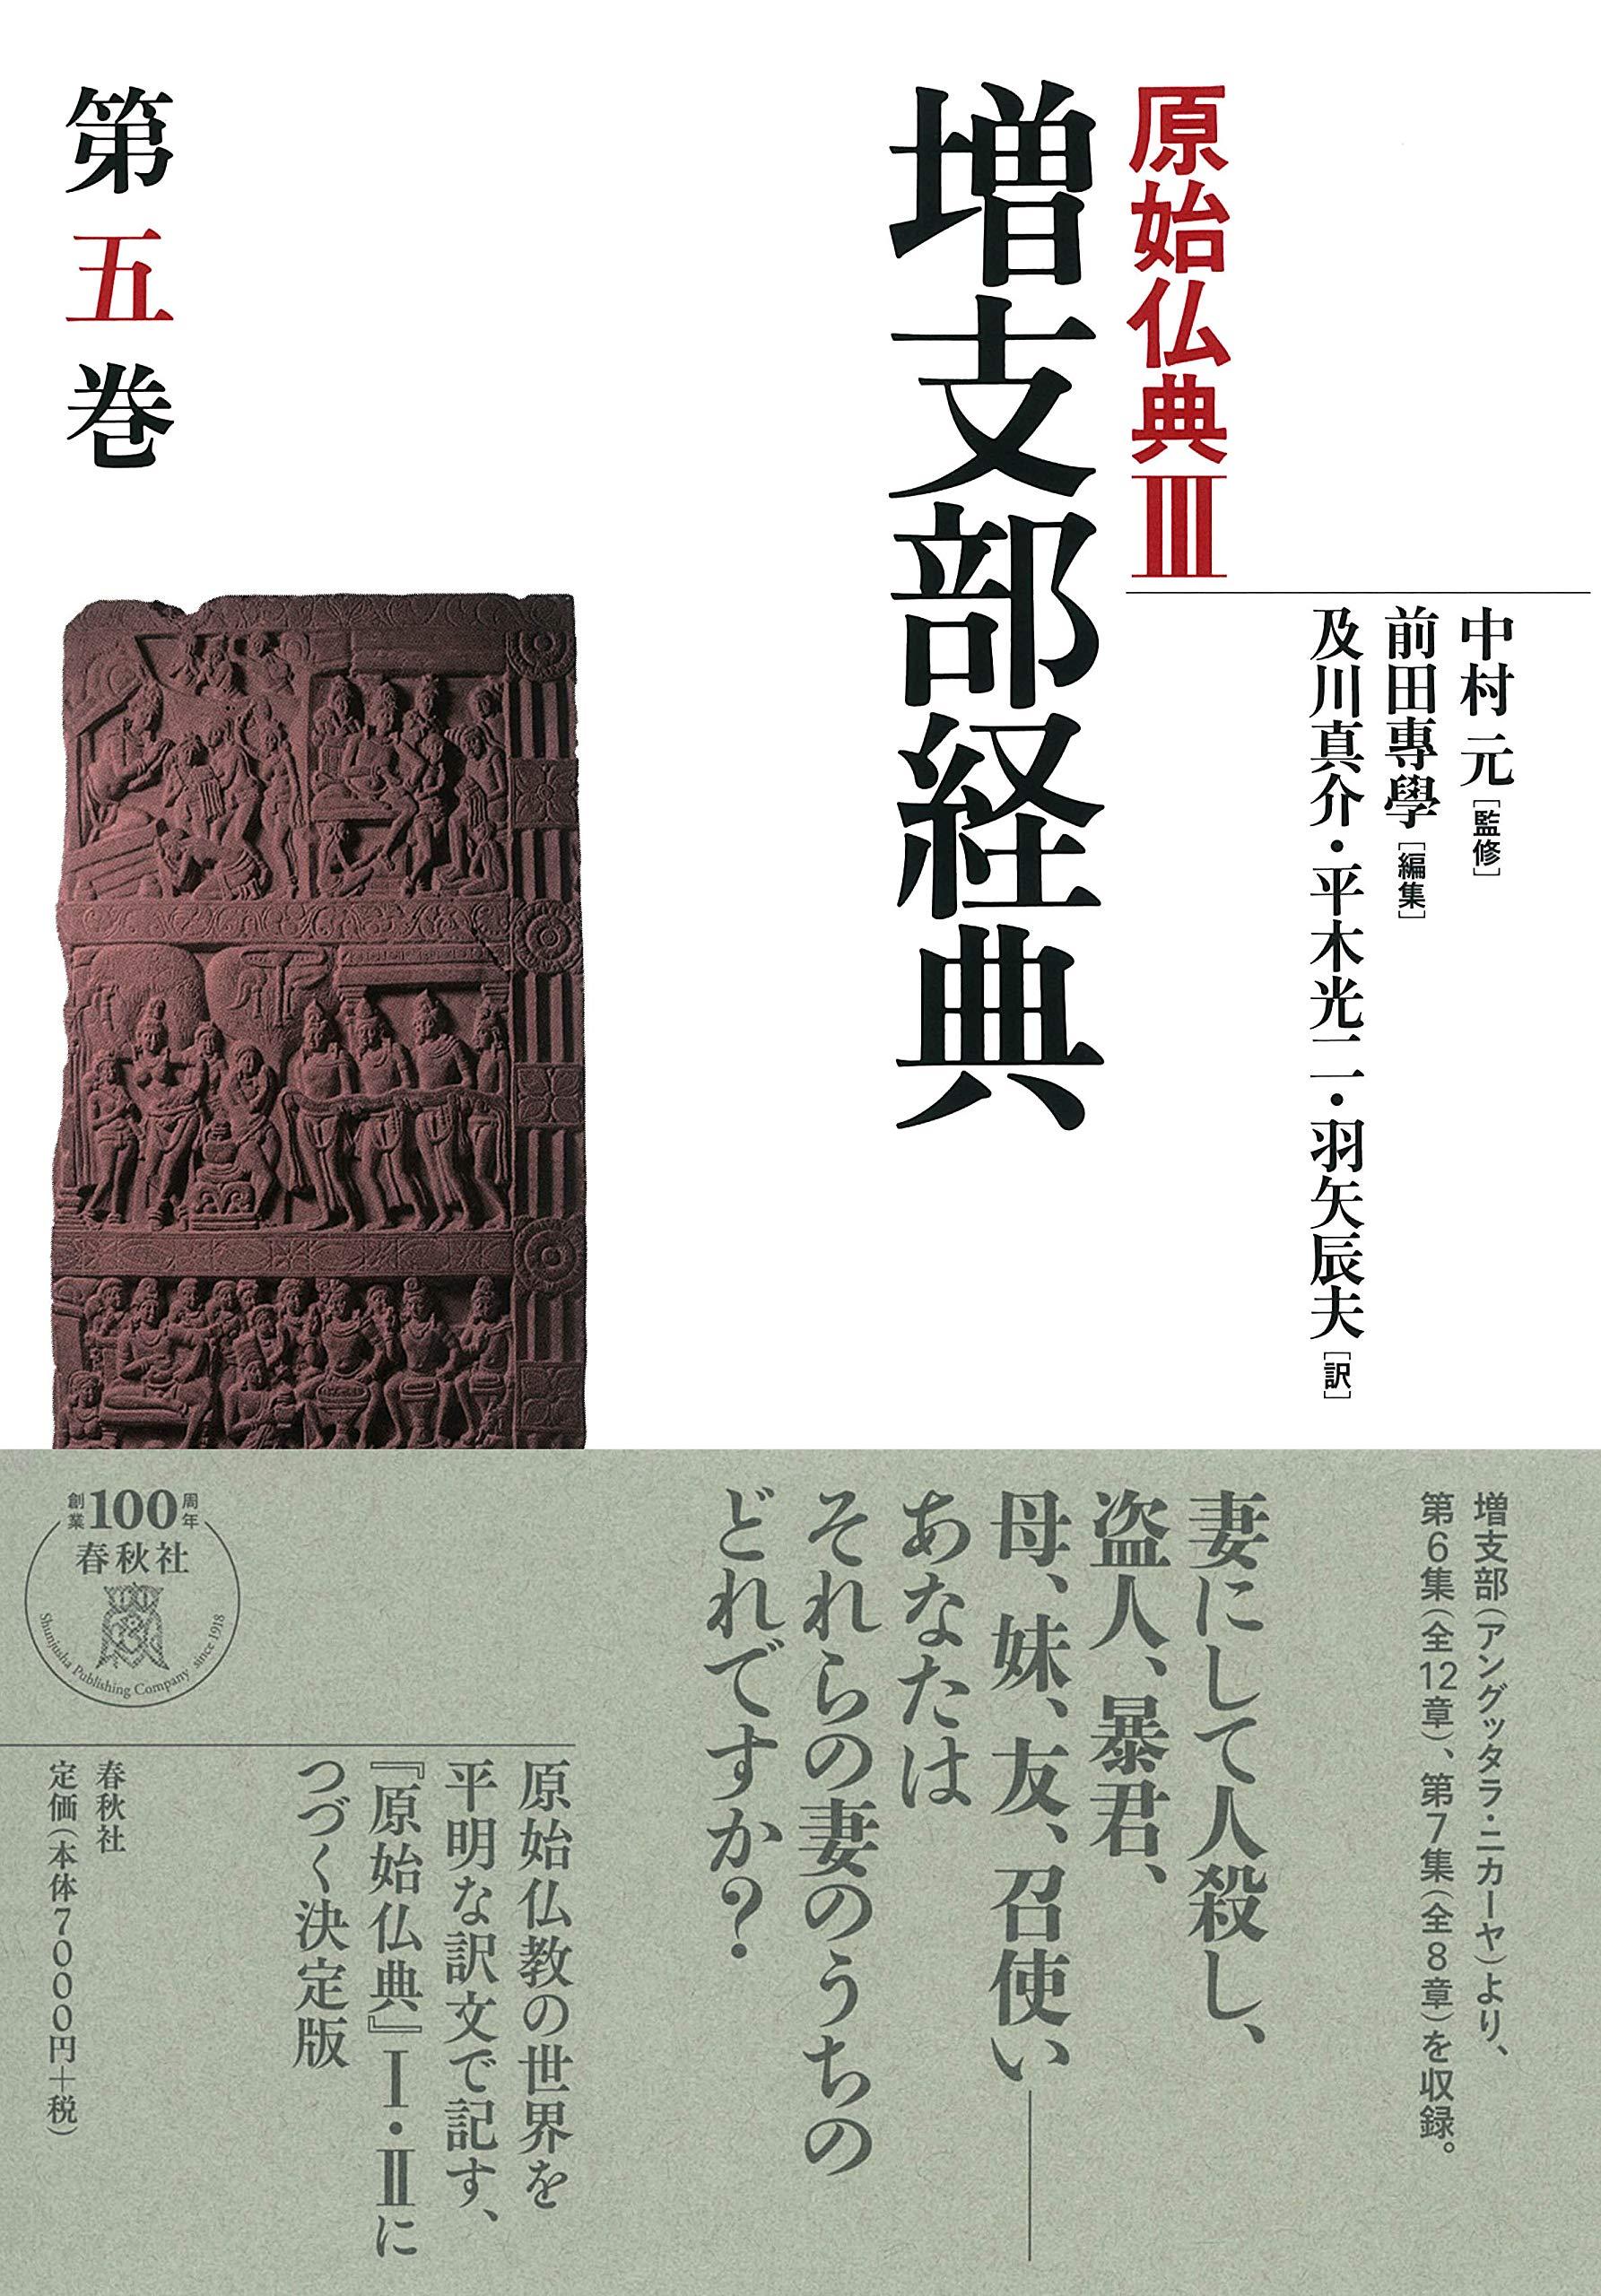 増支部経典 第五巻 (原始仏典III...